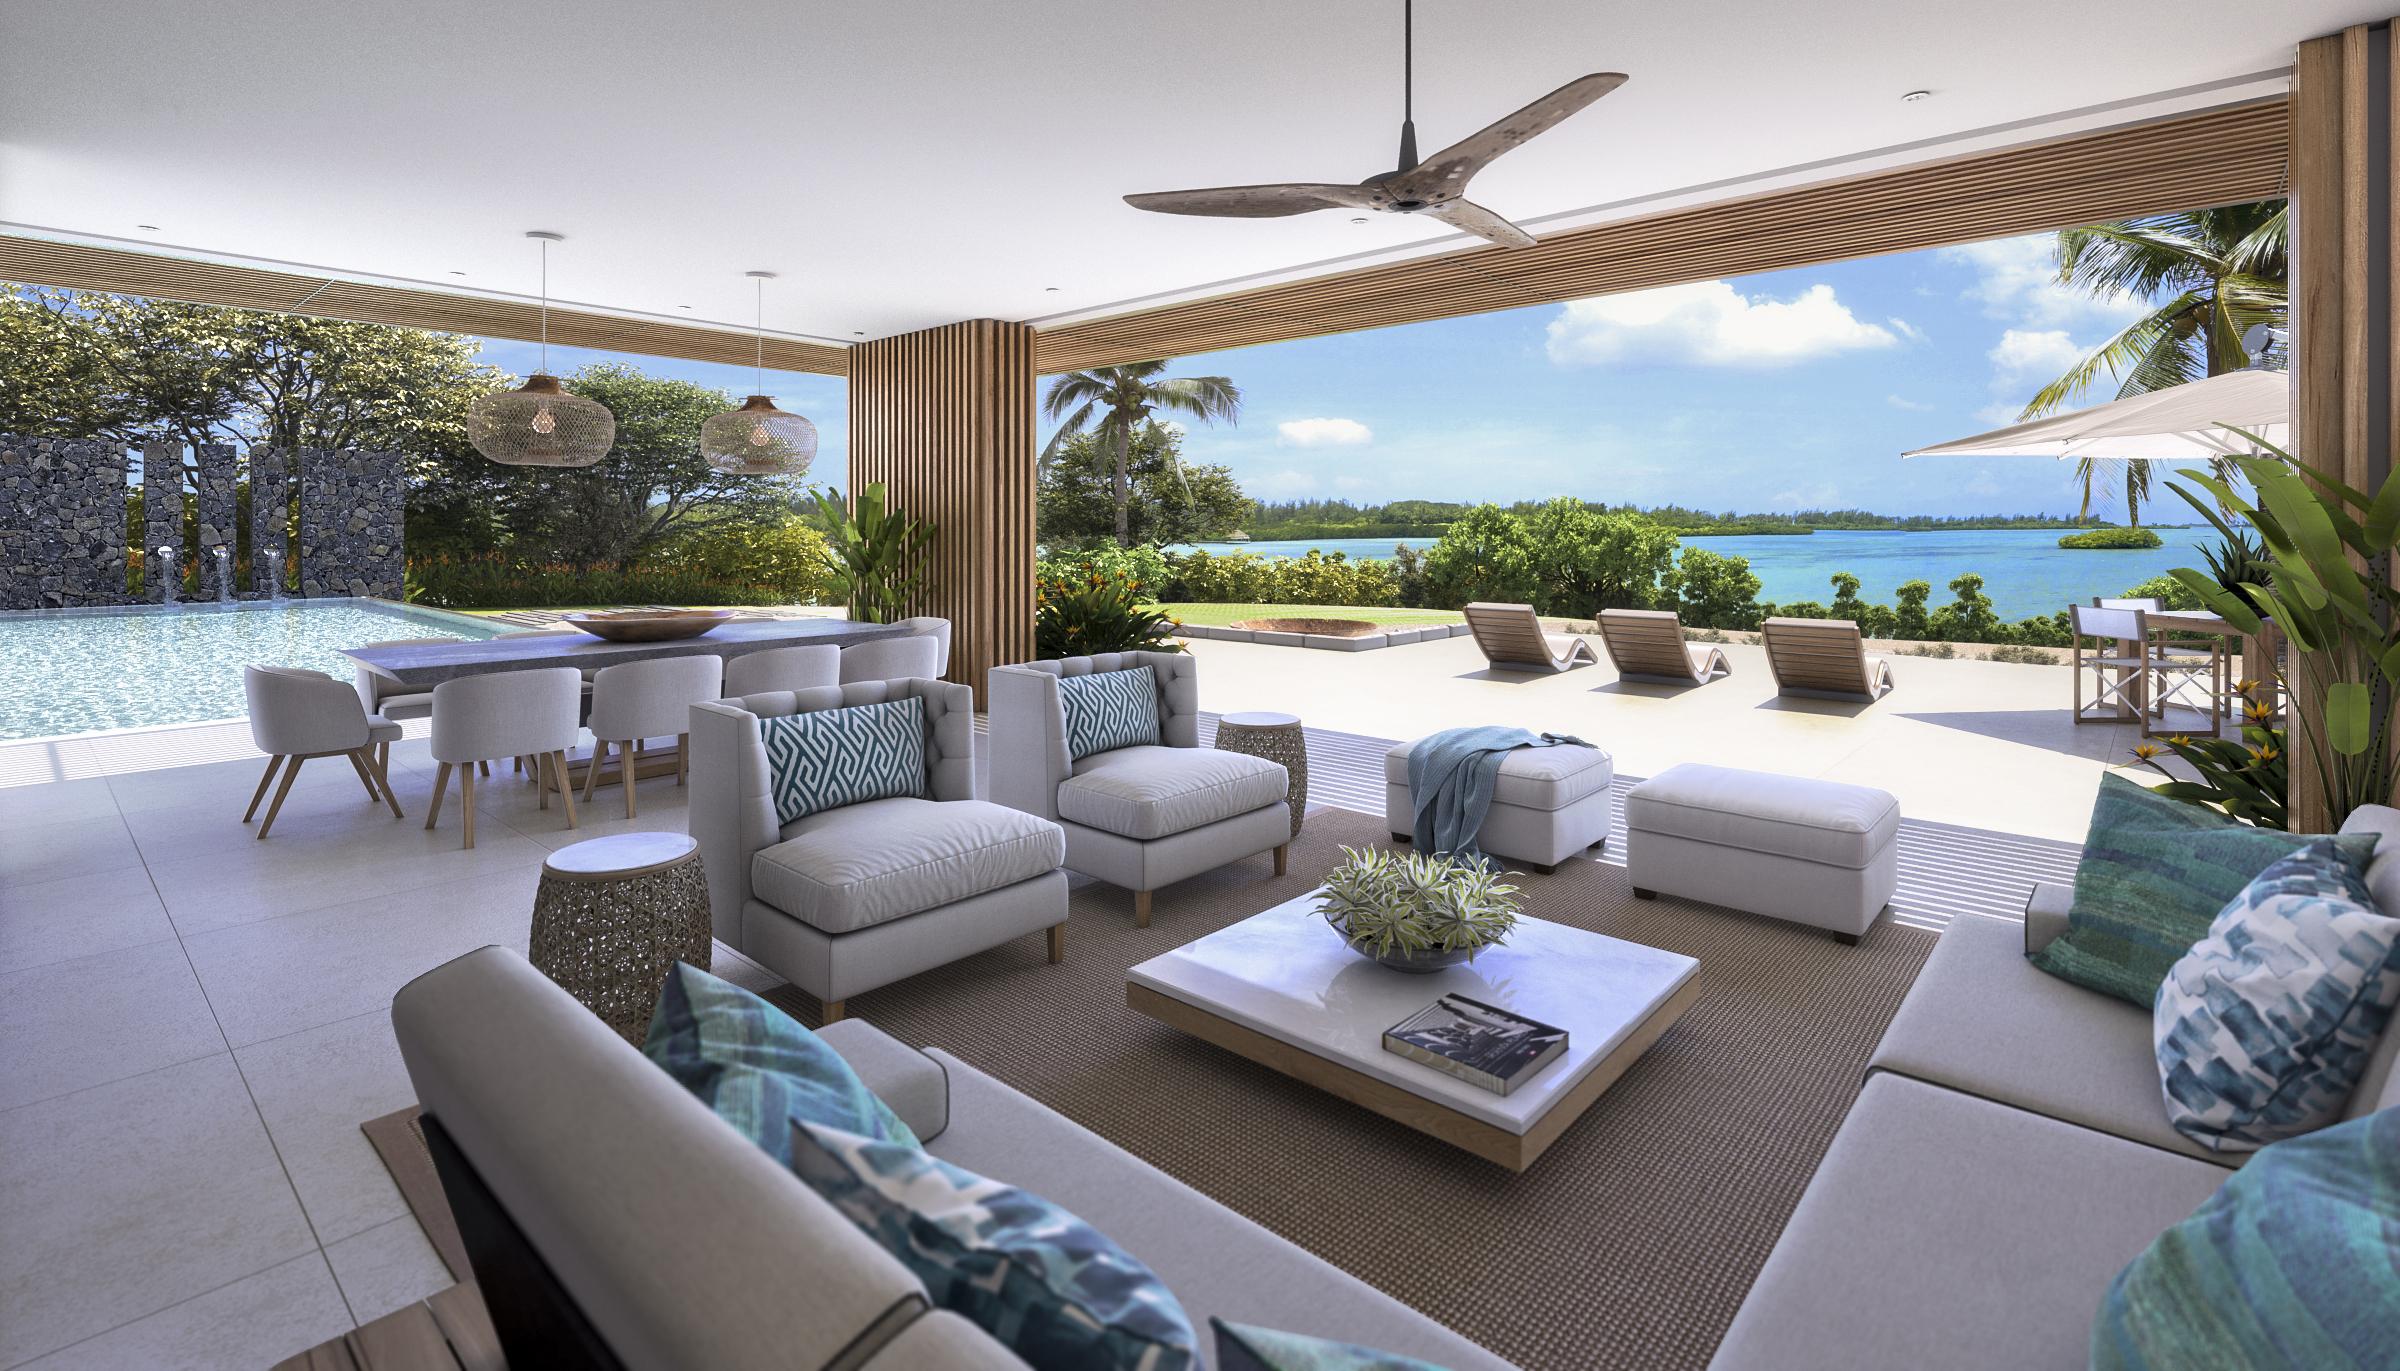 Achetez une villa a Maurice et bénéficiez d'une fiscalité avantageuse